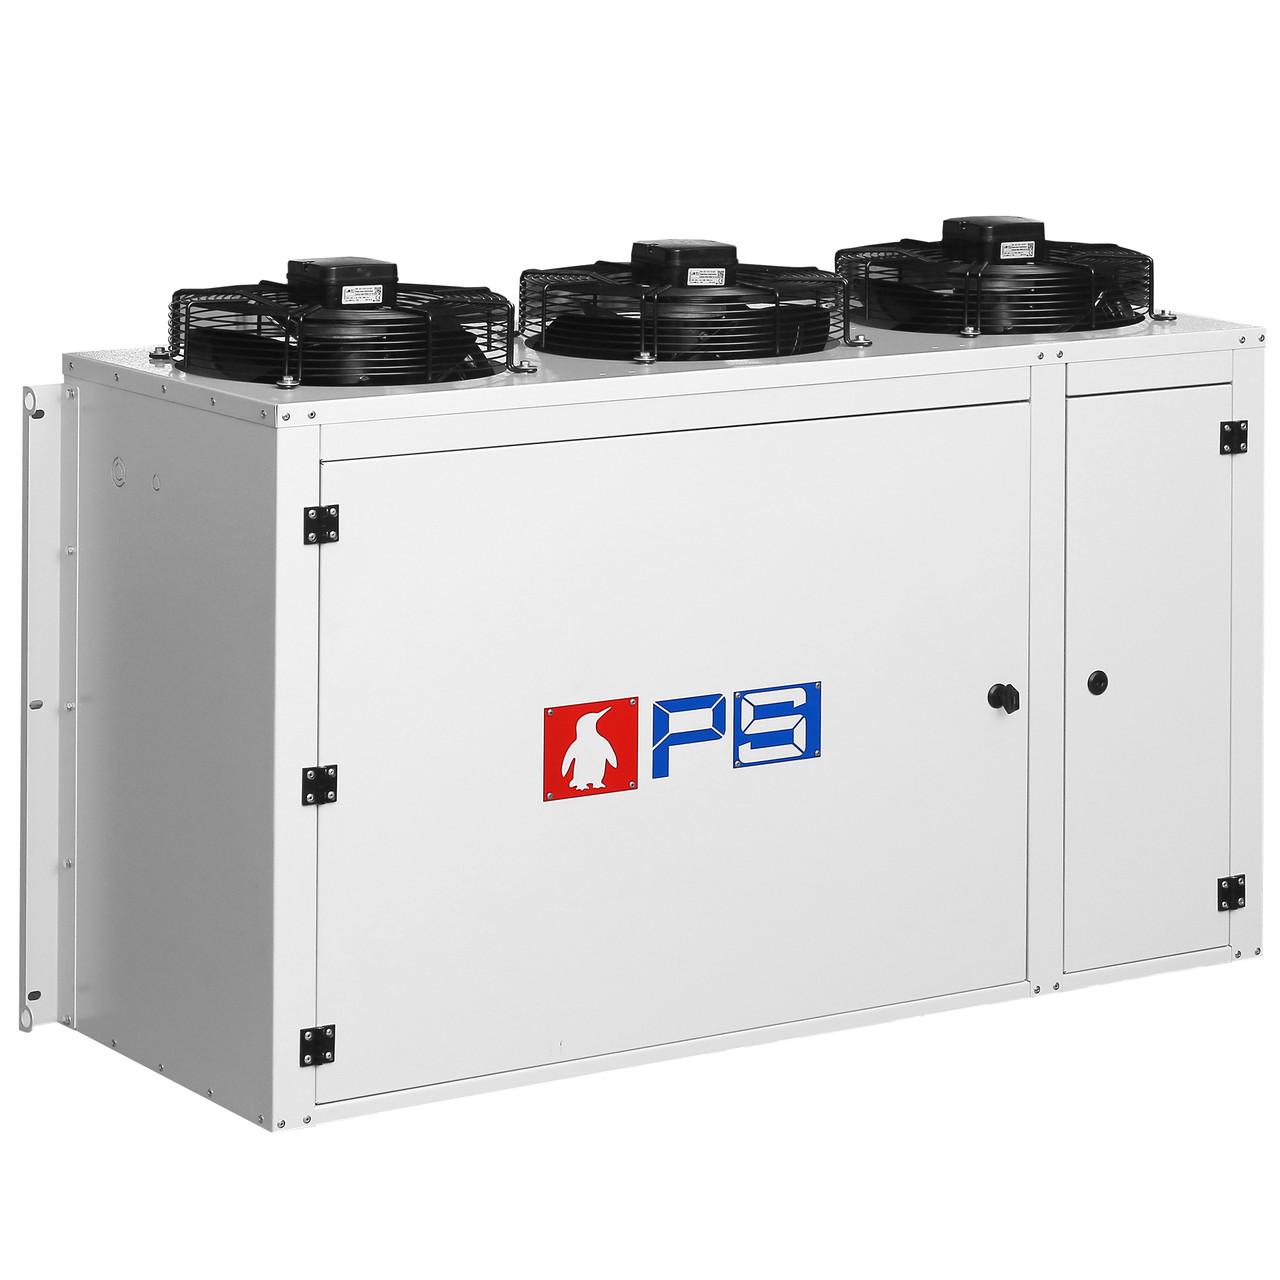 Сплит-система среднетемпературная ПОЛЮС-САР 62-179м³ MGS 460 F S